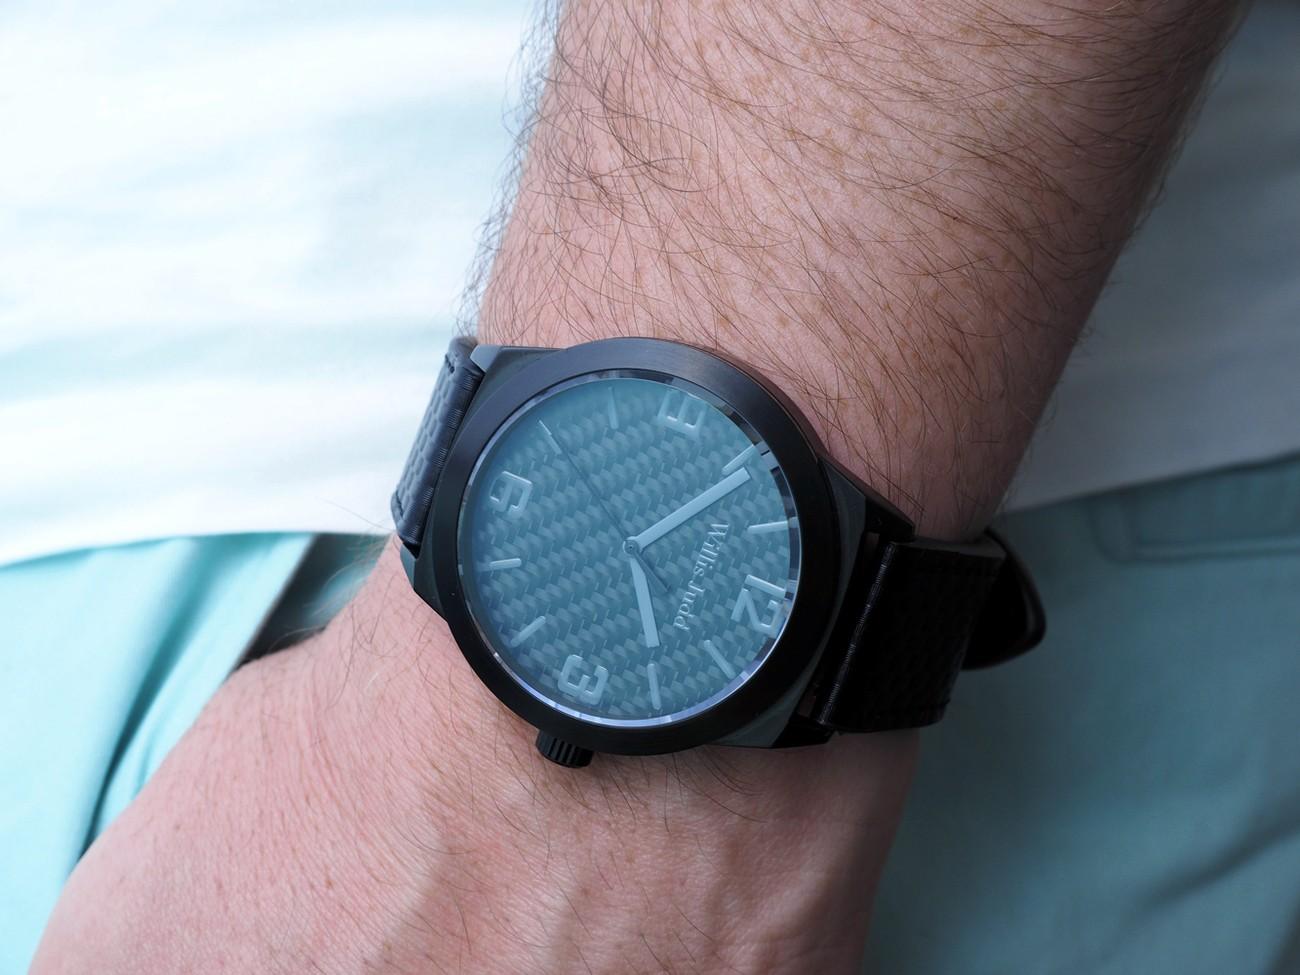 carbon fiber watch made affordable designed in australia gadget flow. Black Bedroom Furniture Sets. Home Design Ideas